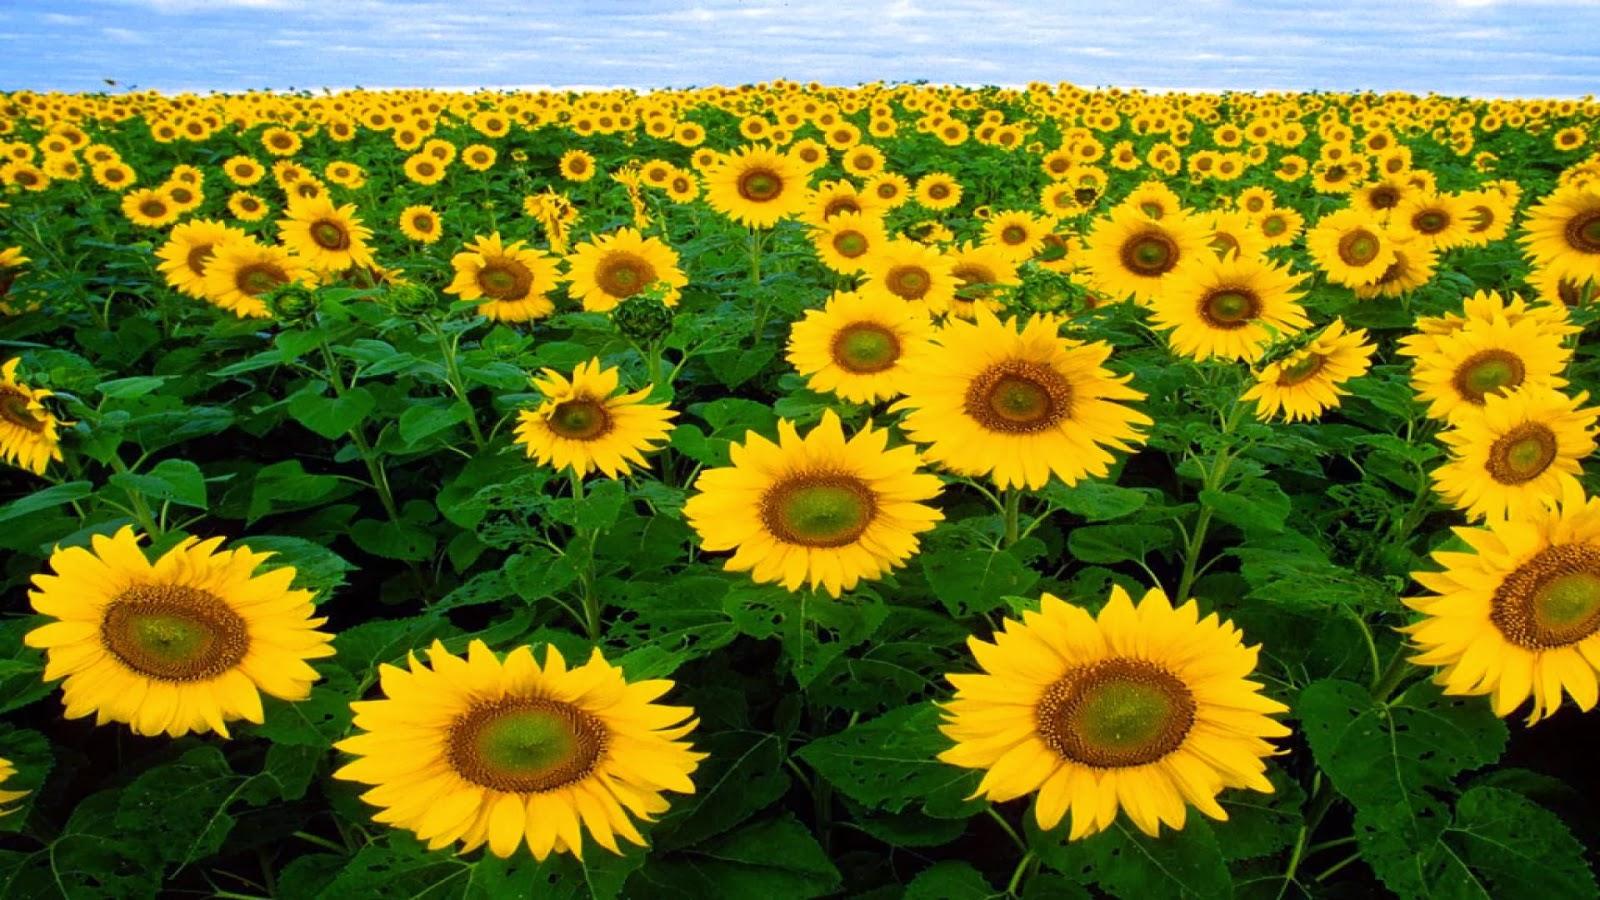 Josart Wallpaper Hd Download Gambar Wallpaper Bunga Matahari